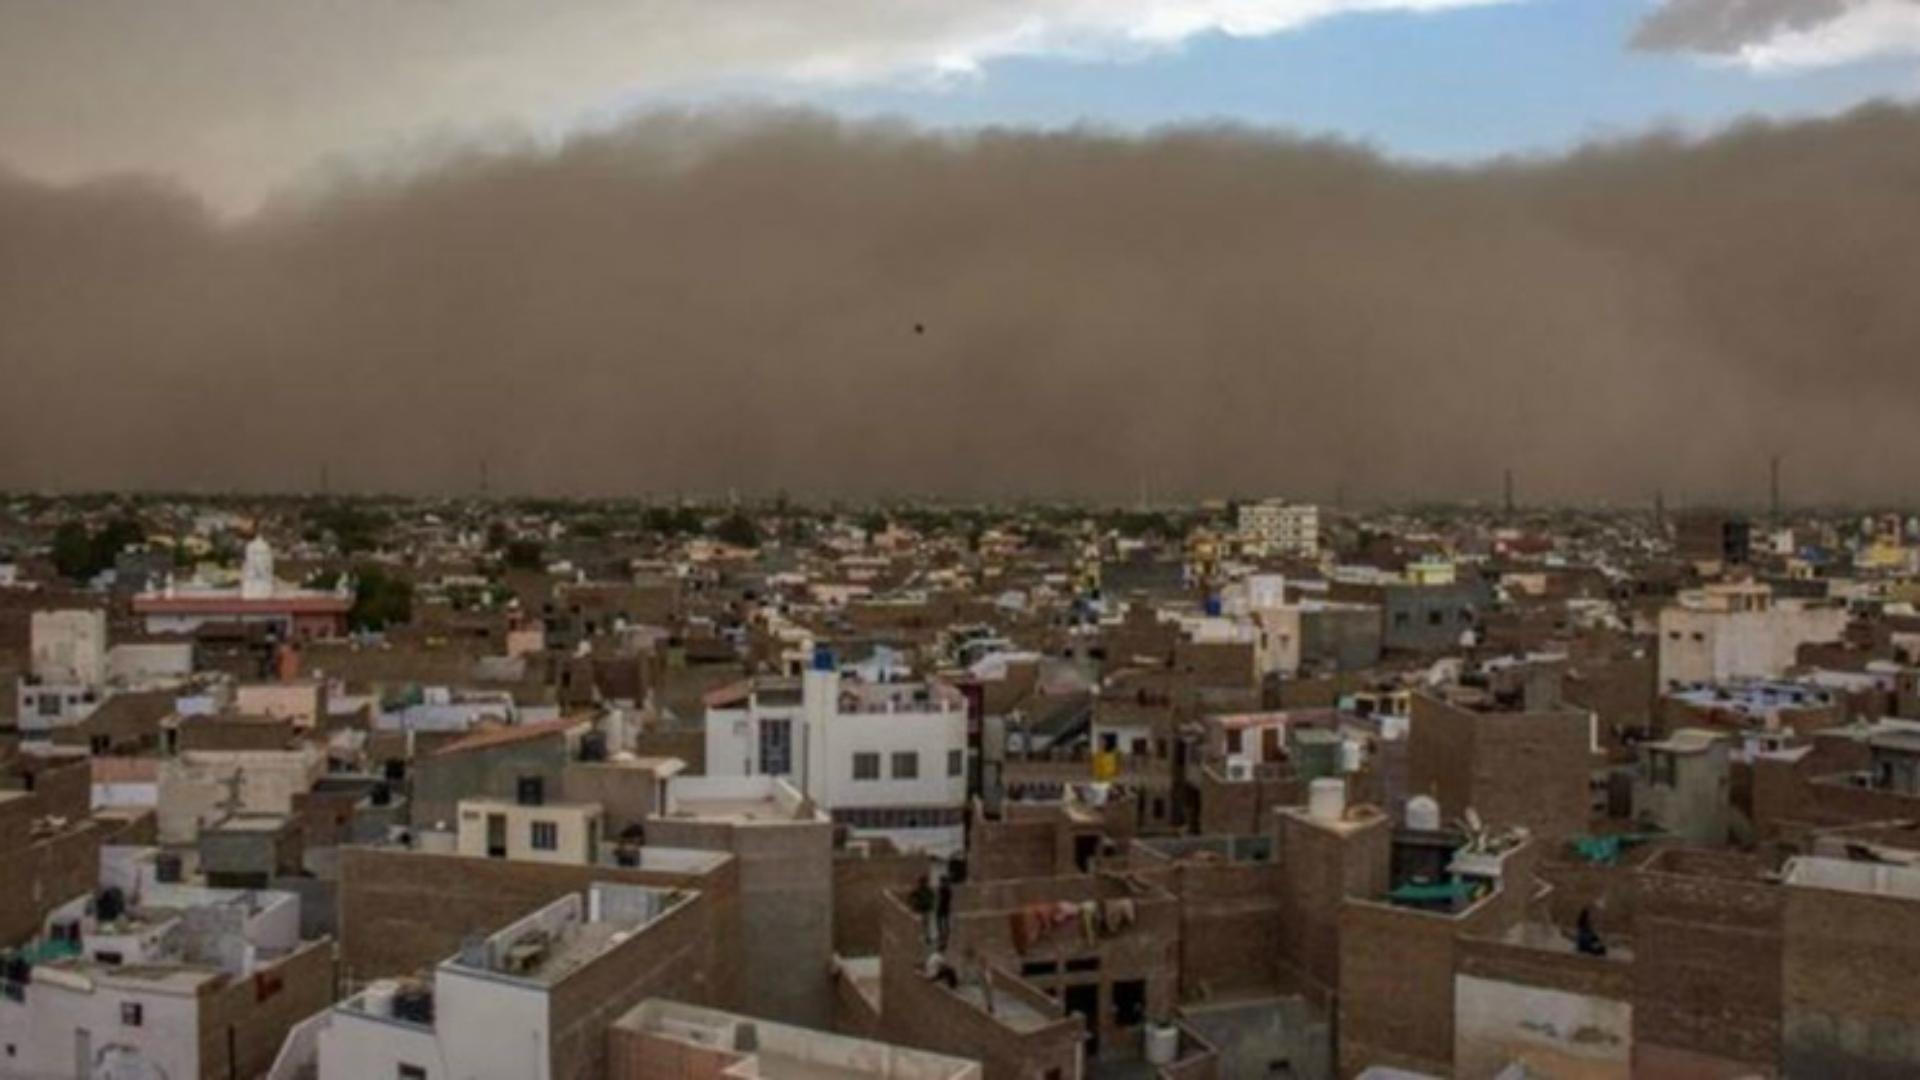 La tormenta de polvo arenoso se cierne sobre un pueblo